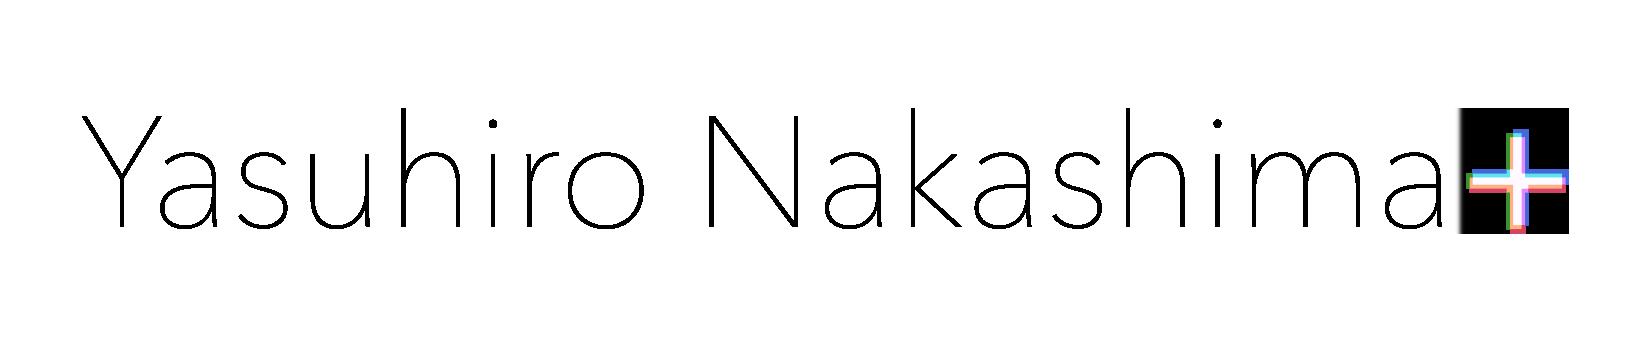 「Yasuhiro Nakashima+」ロゴイメージ